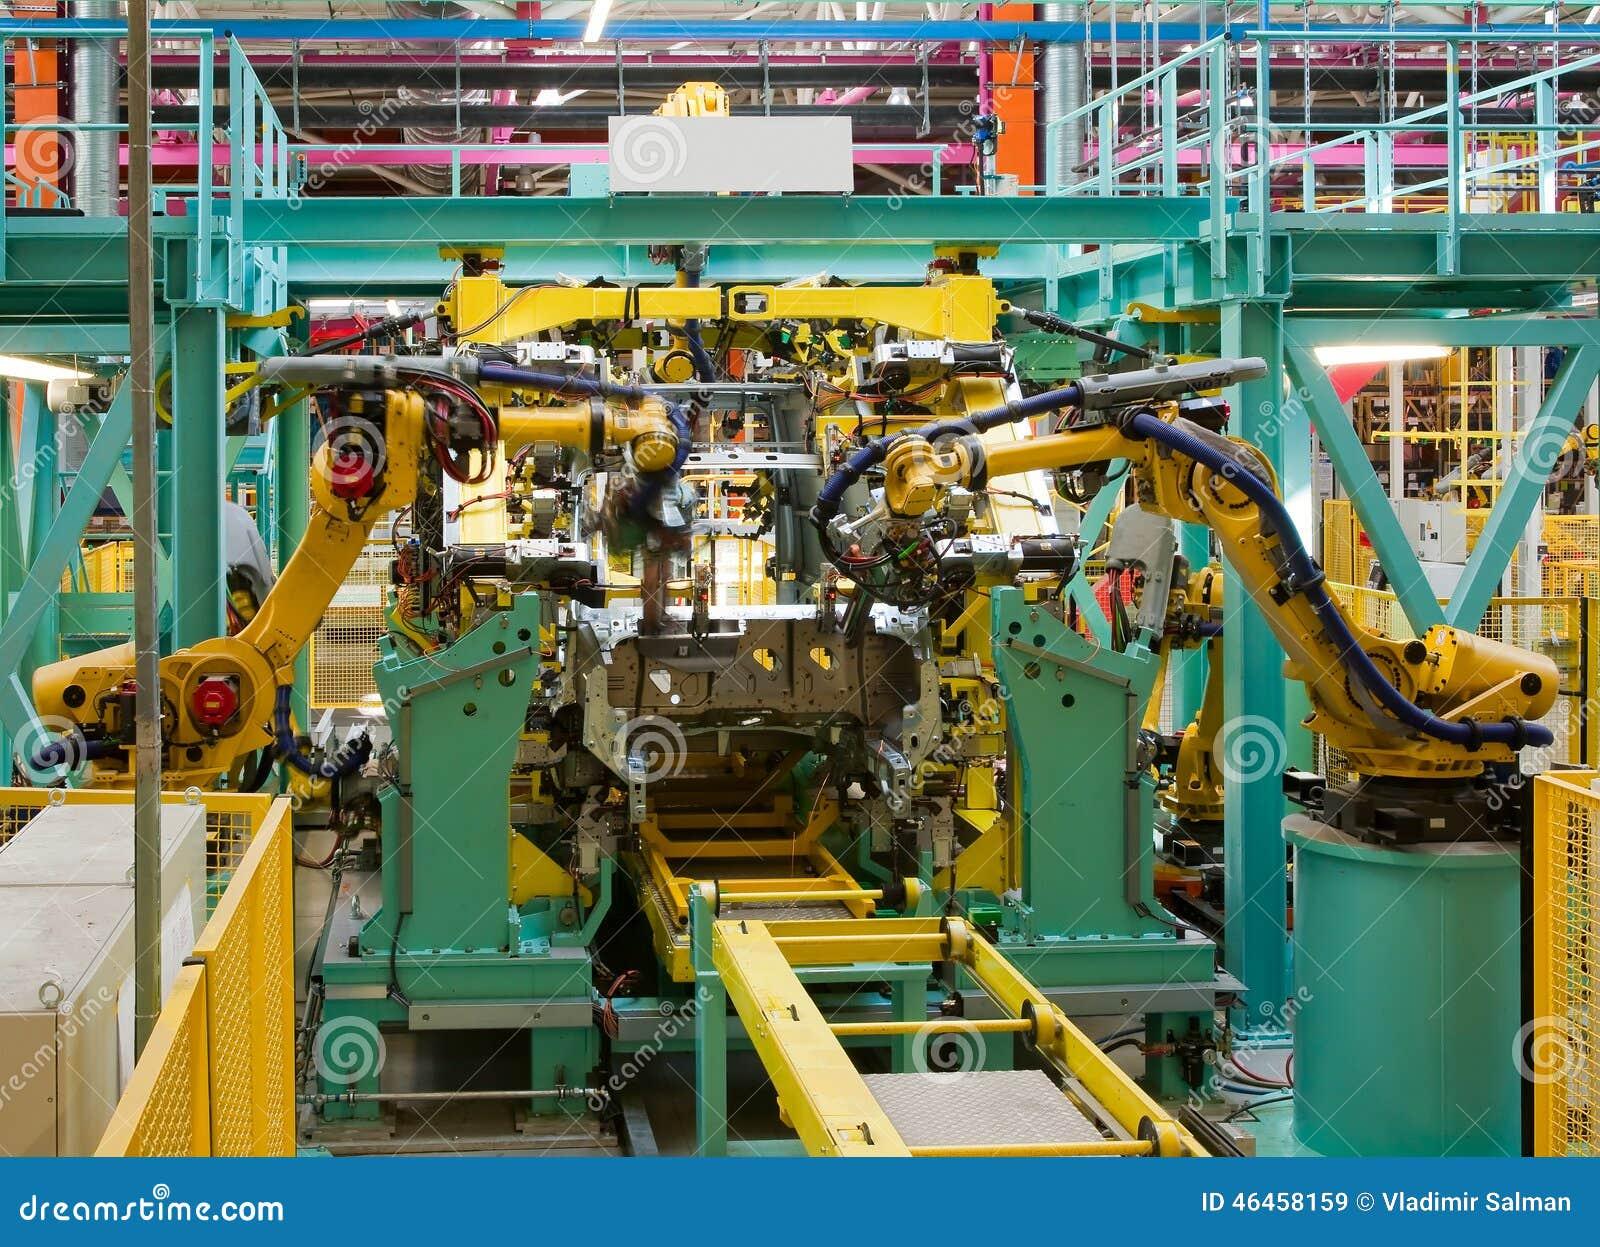 Сборочный конвейер для автомобилей разборки фольксваген транспортер 4